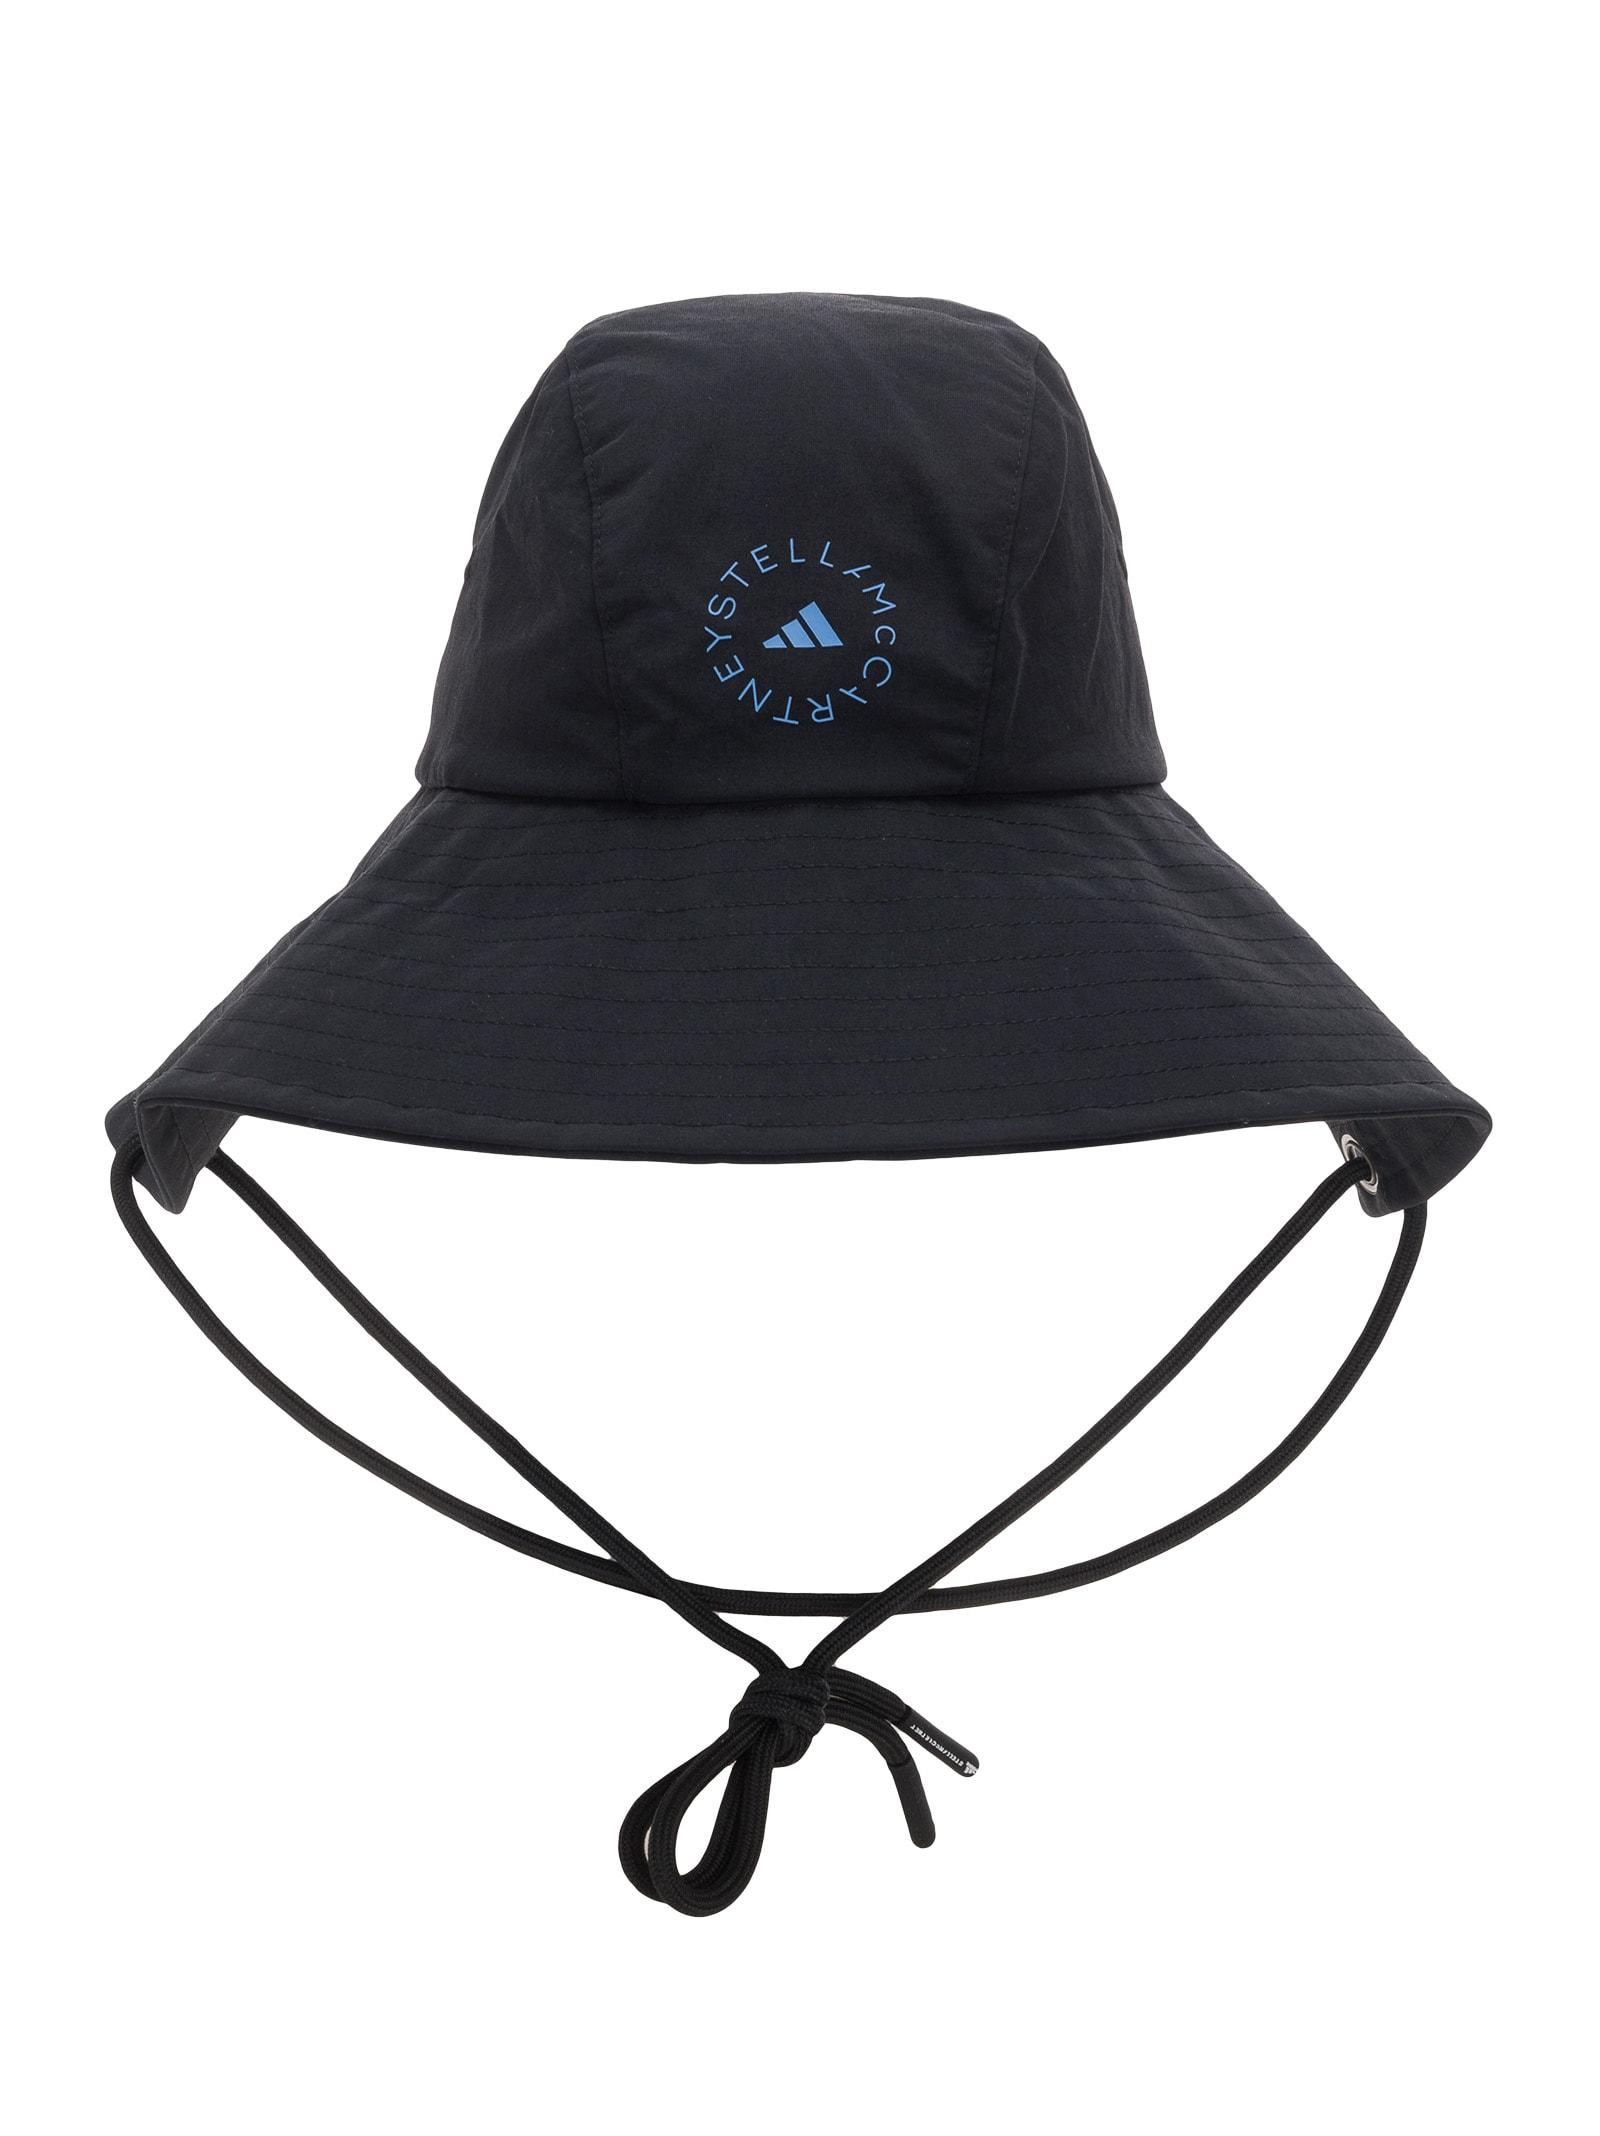 Adidas By Stella Mccartney Hats ADIDAS BY STELLA MCCARTNEY LOGO PRINT BUCKET HAT